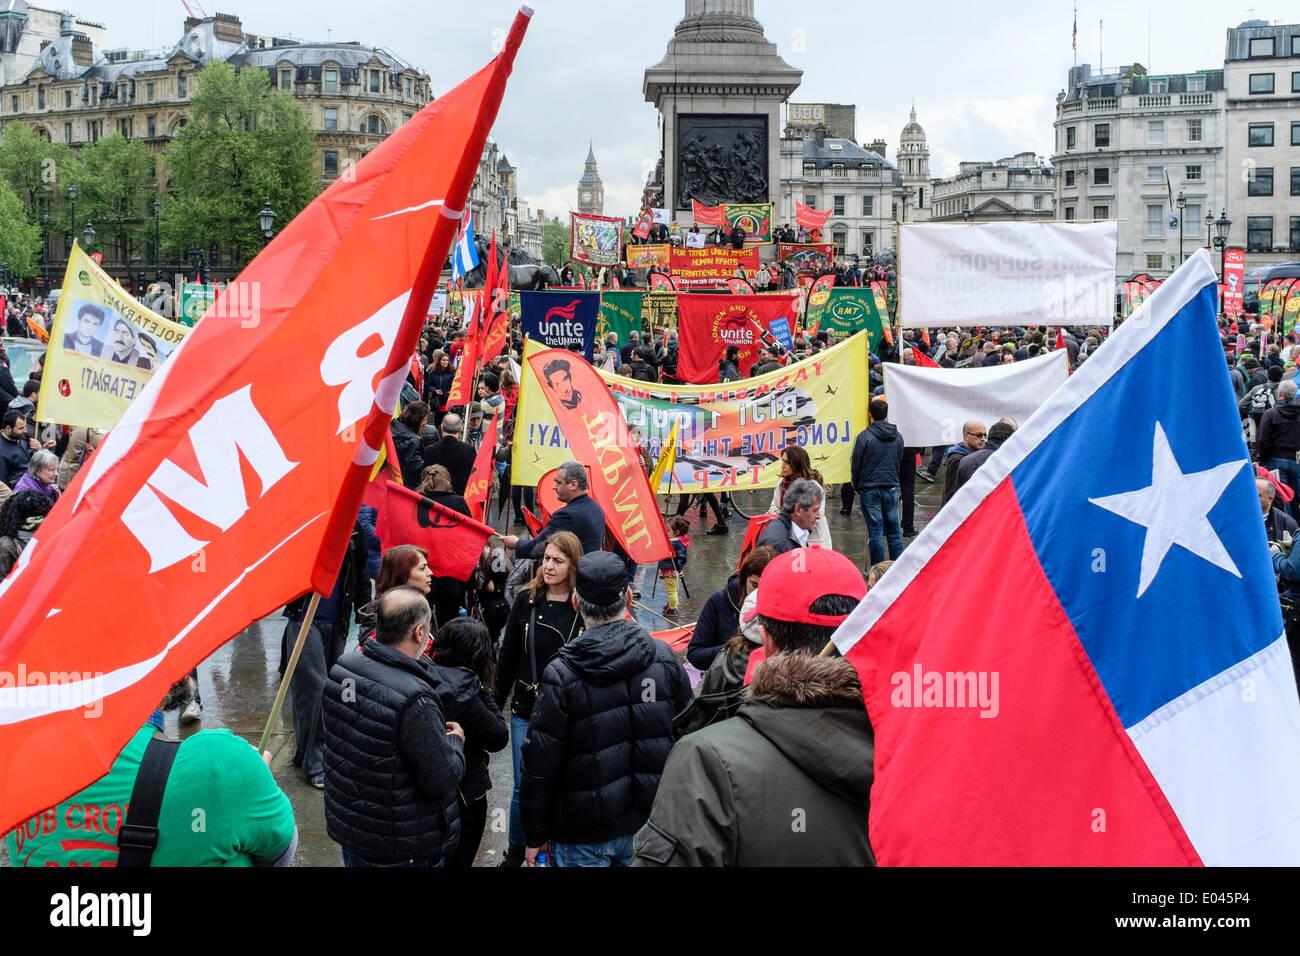 Londres, Reino Unido, 1 de mayo de 2014 día de mayo manifestantes reunidos en Trafalgar Square para rally y para escuchar los discursos de los dirigentes sindicales y políticos de izquierda. Crédito: Mark Phillips/Alamy Live News Imagen De Stock